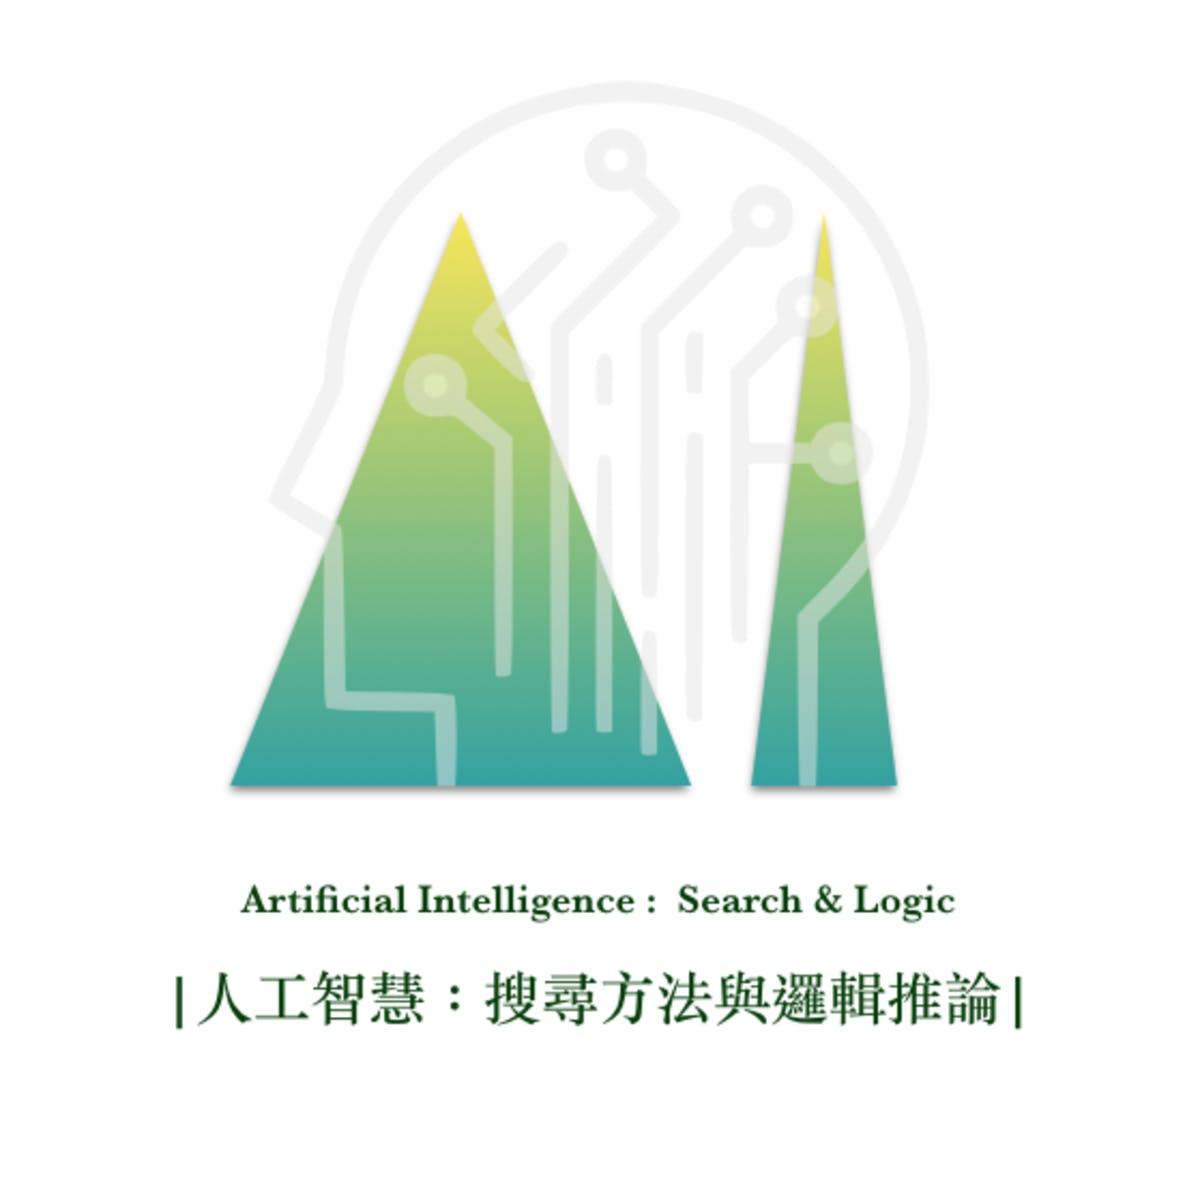 人工智慧:搜尋方法與邏輯推論 (Artificial Intelligence - Search & Logic)